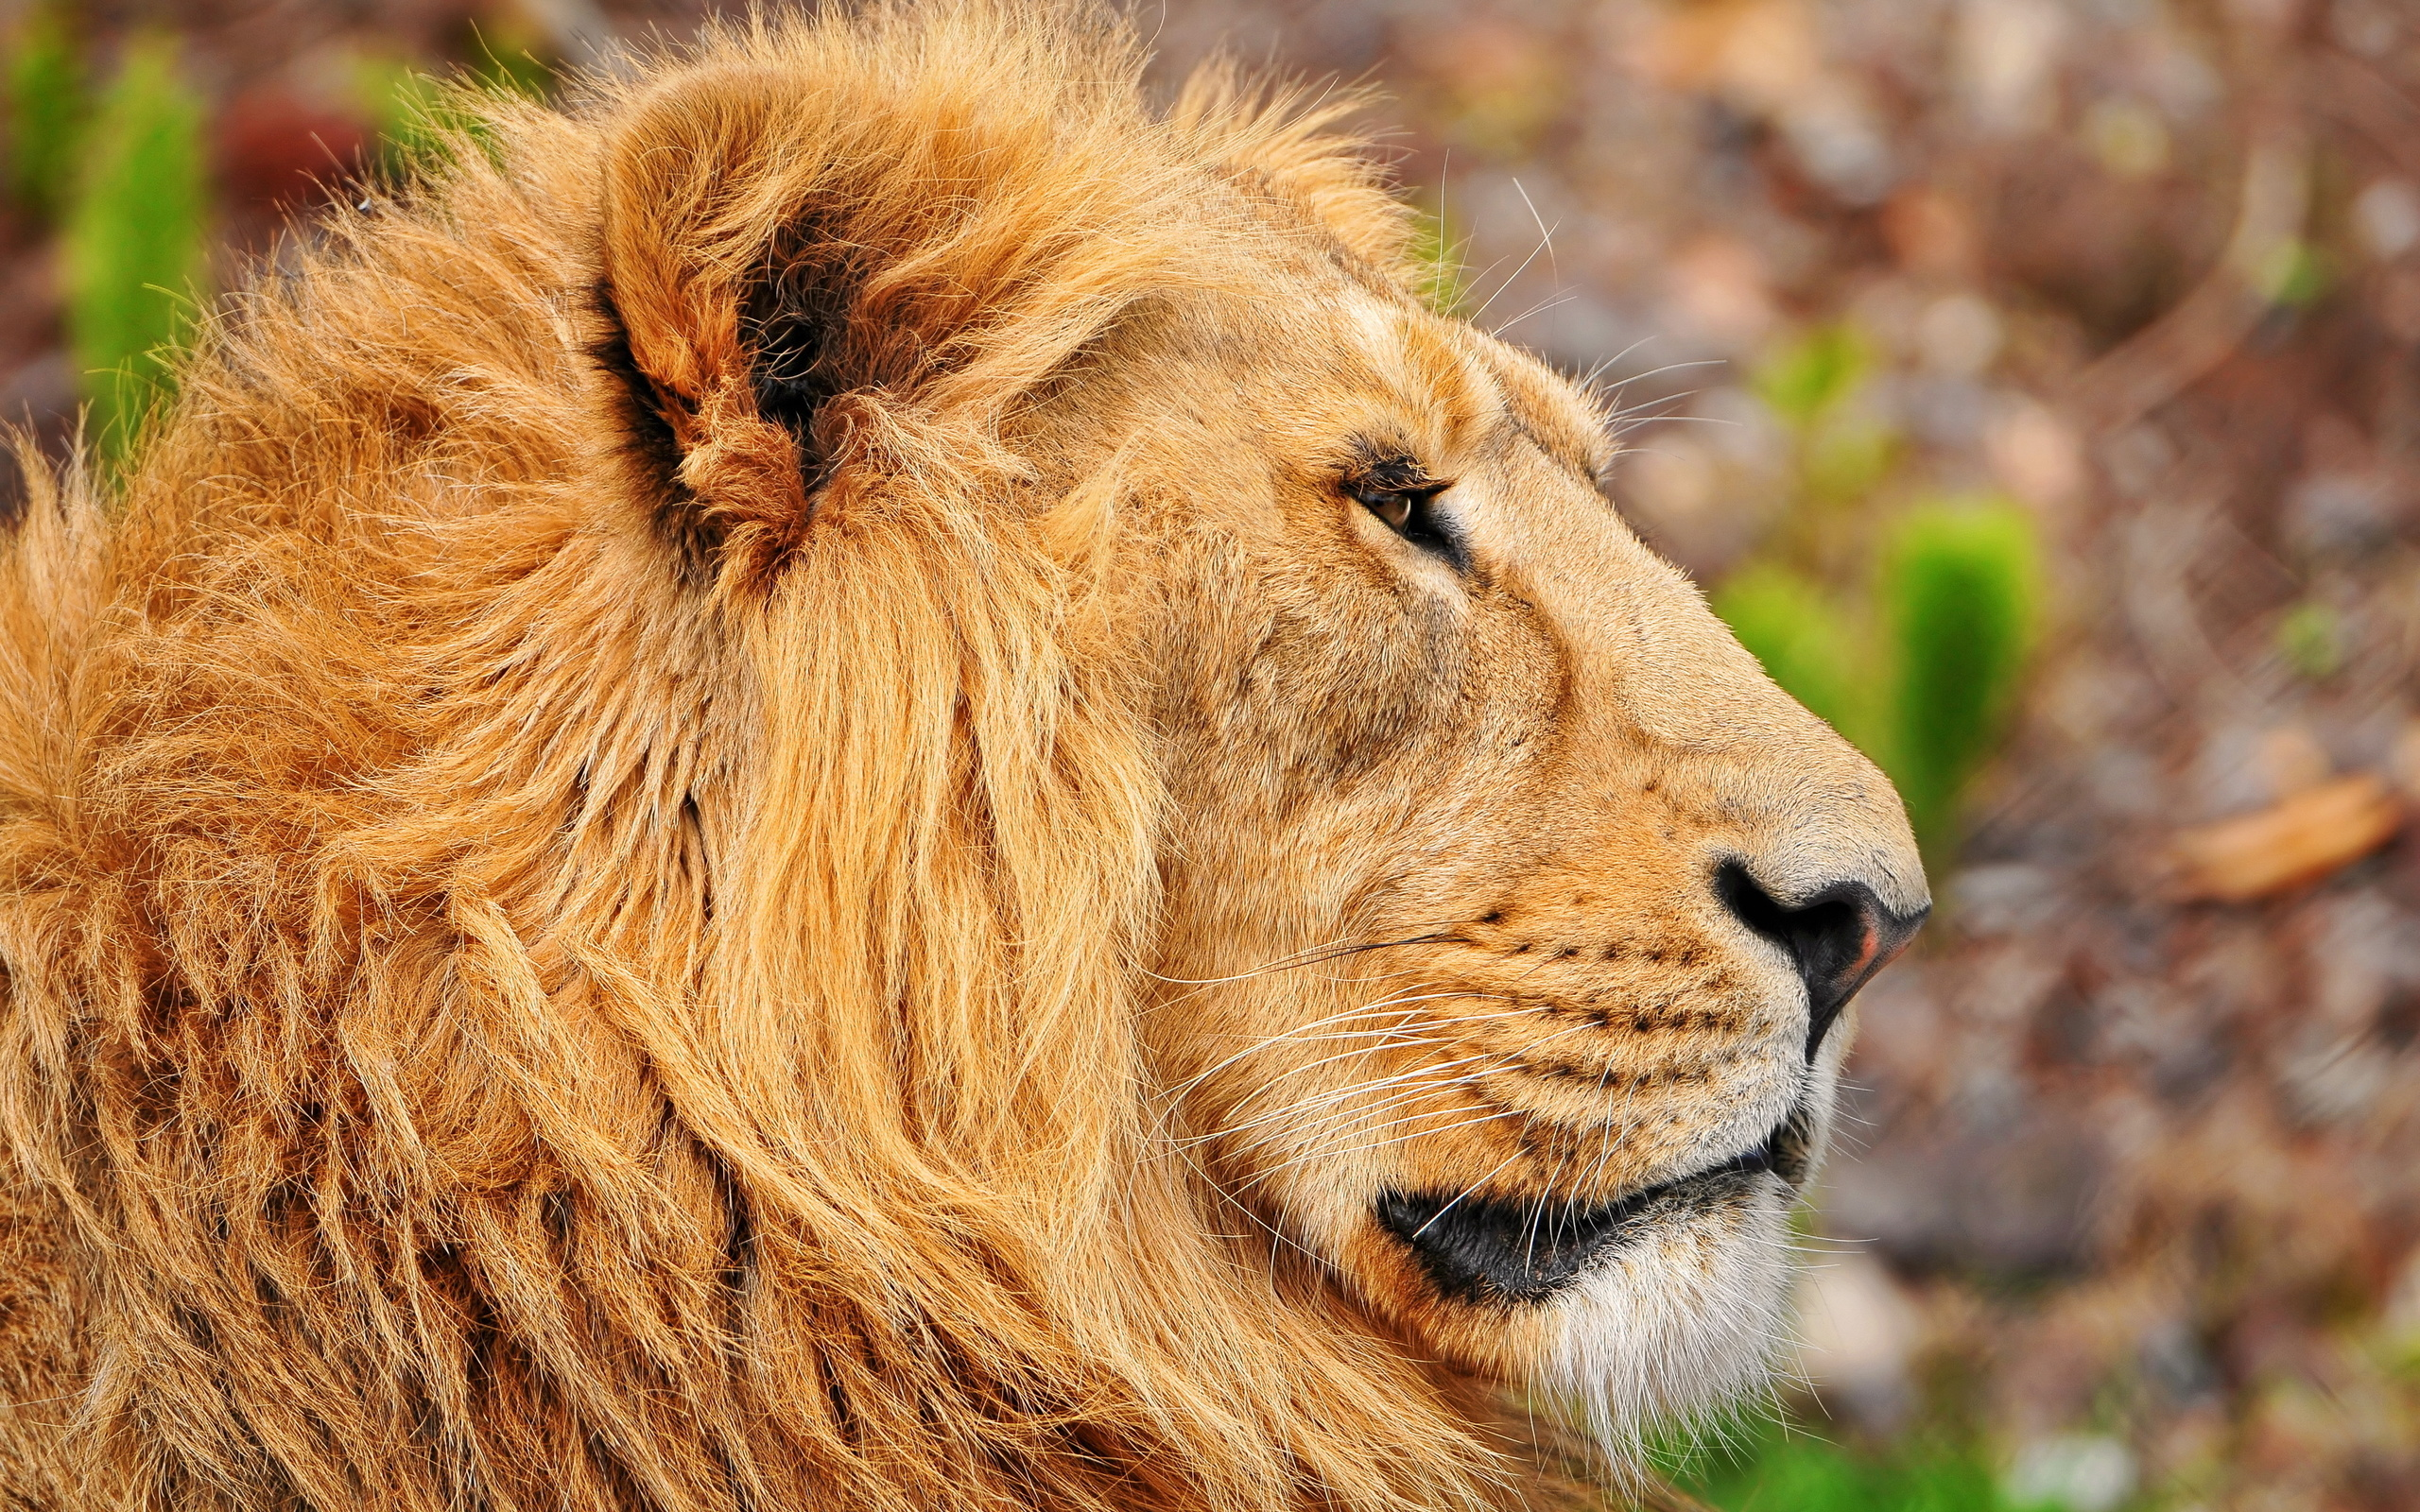 картинки лев хорошего качества хорошую зимостойкость сопротивляемость